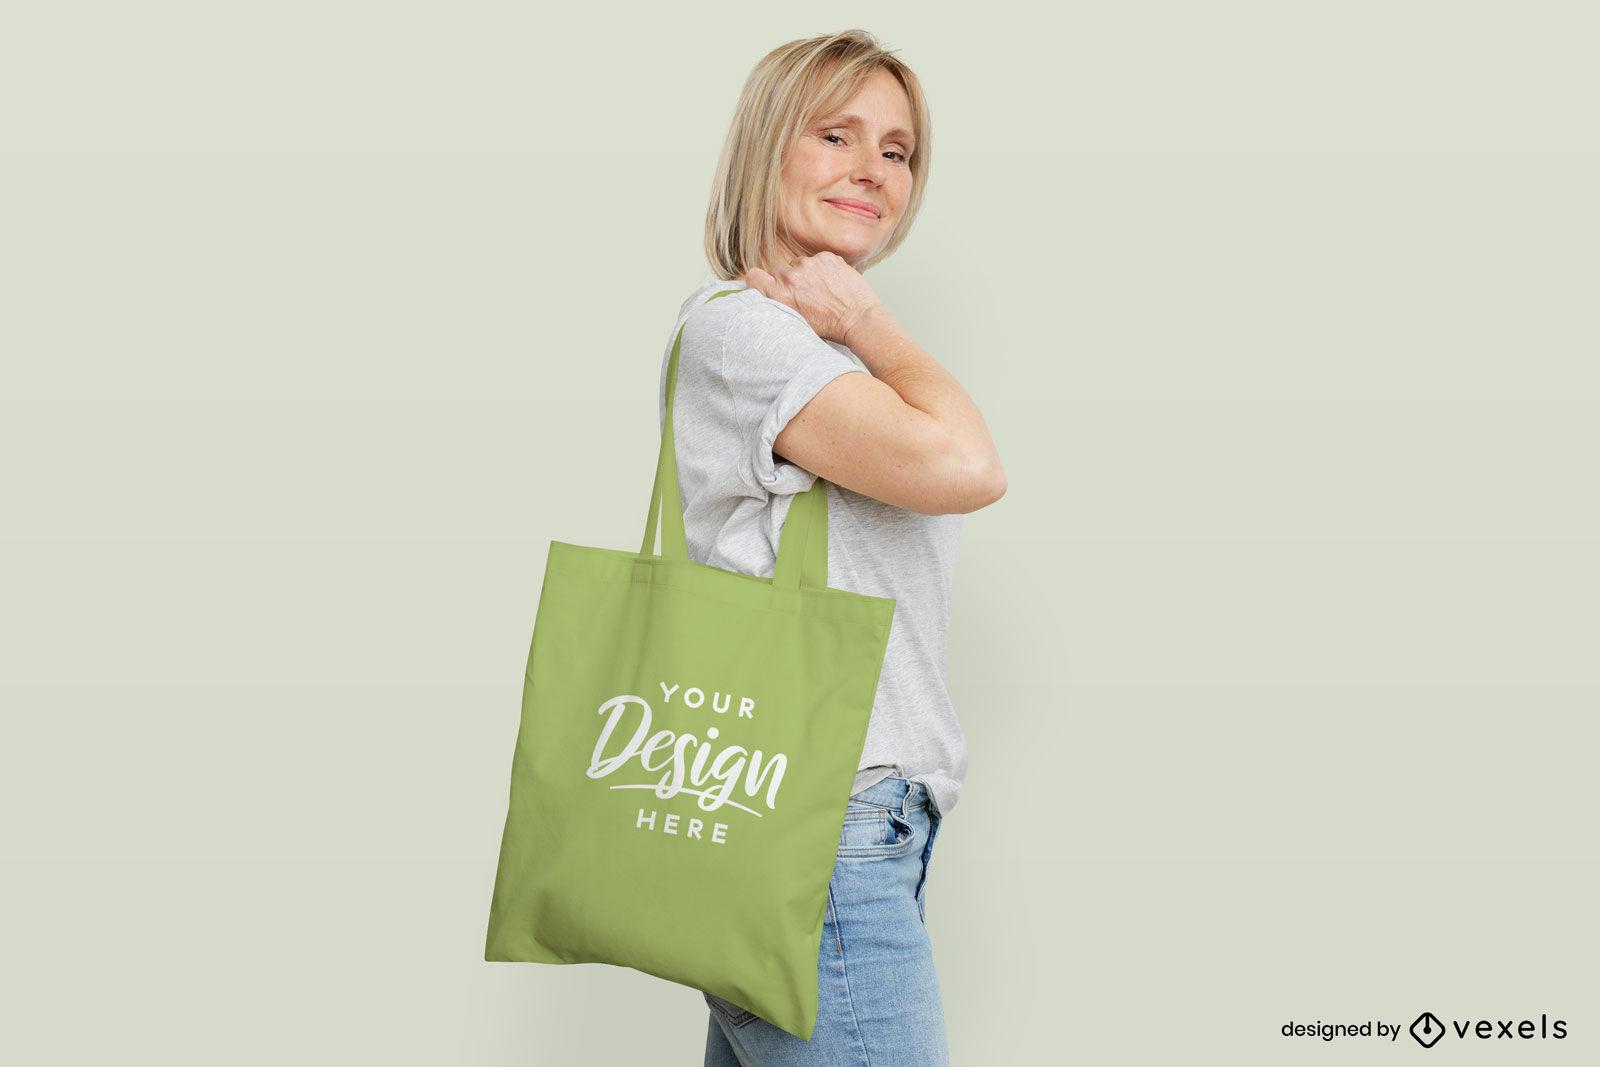 Maqueta de fondo plano de bolso de mano verde de mujer